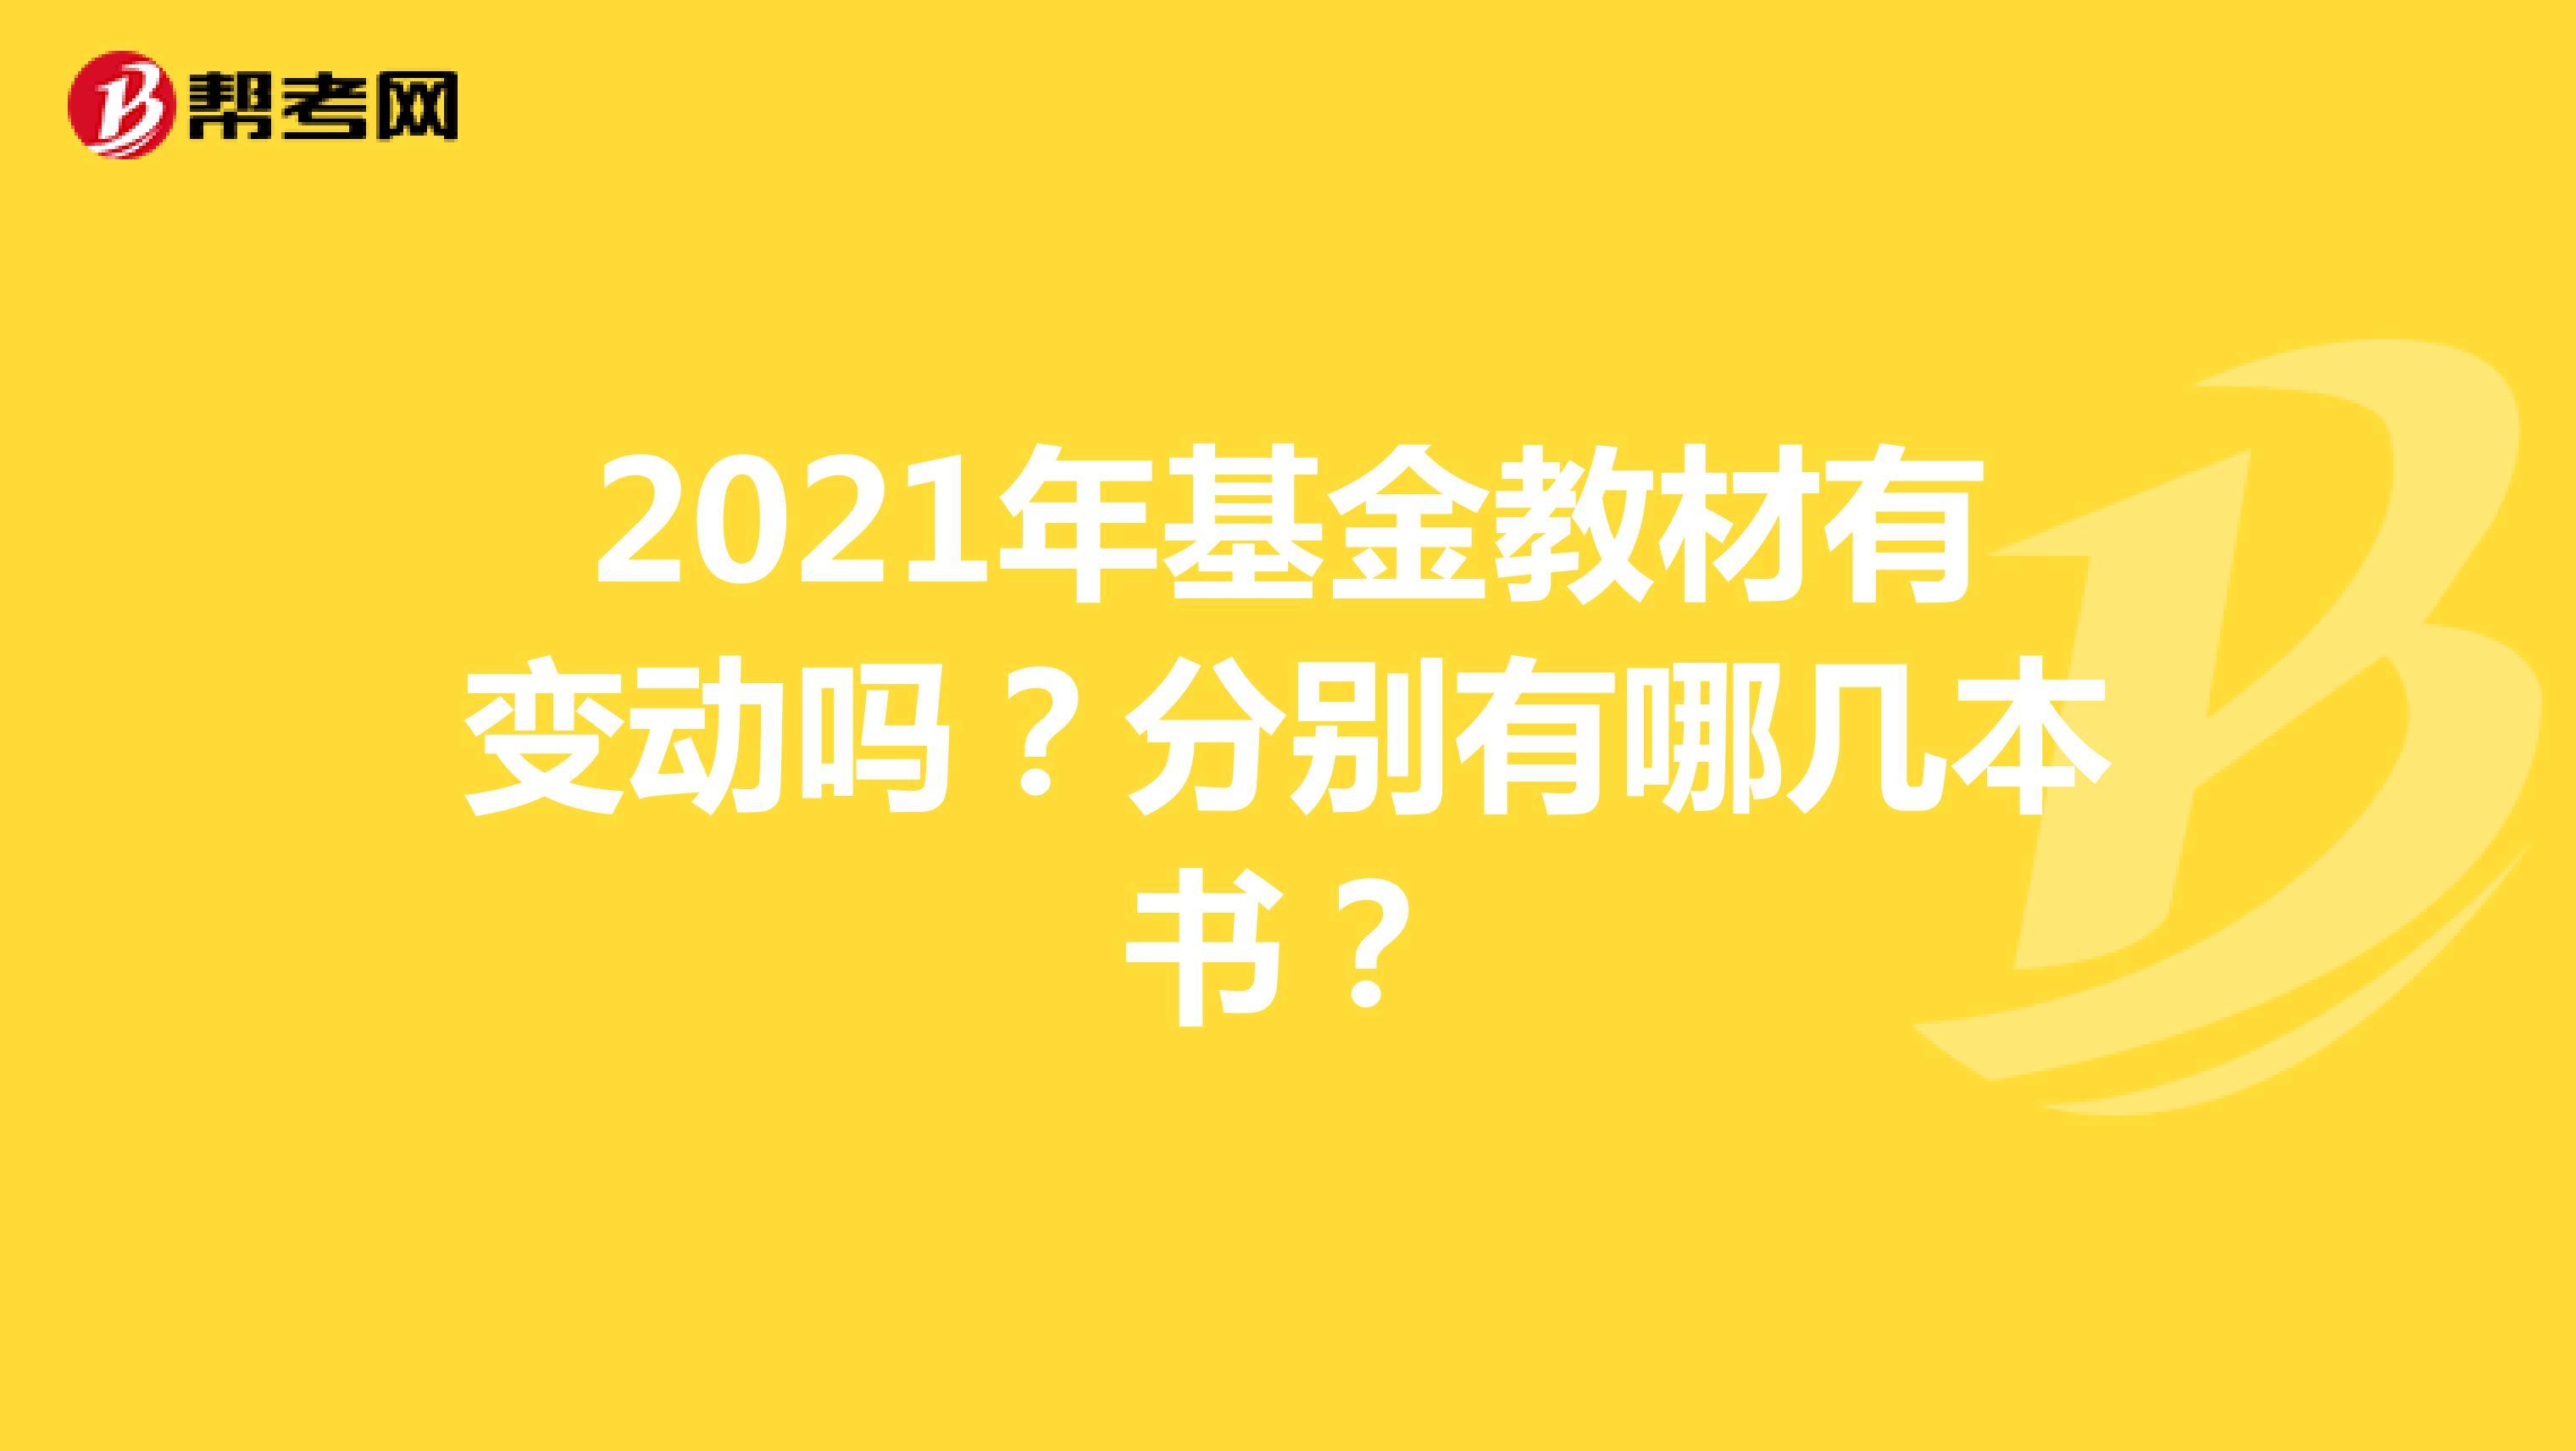 2021年基金教材有变动吗?分别有哪几本书?